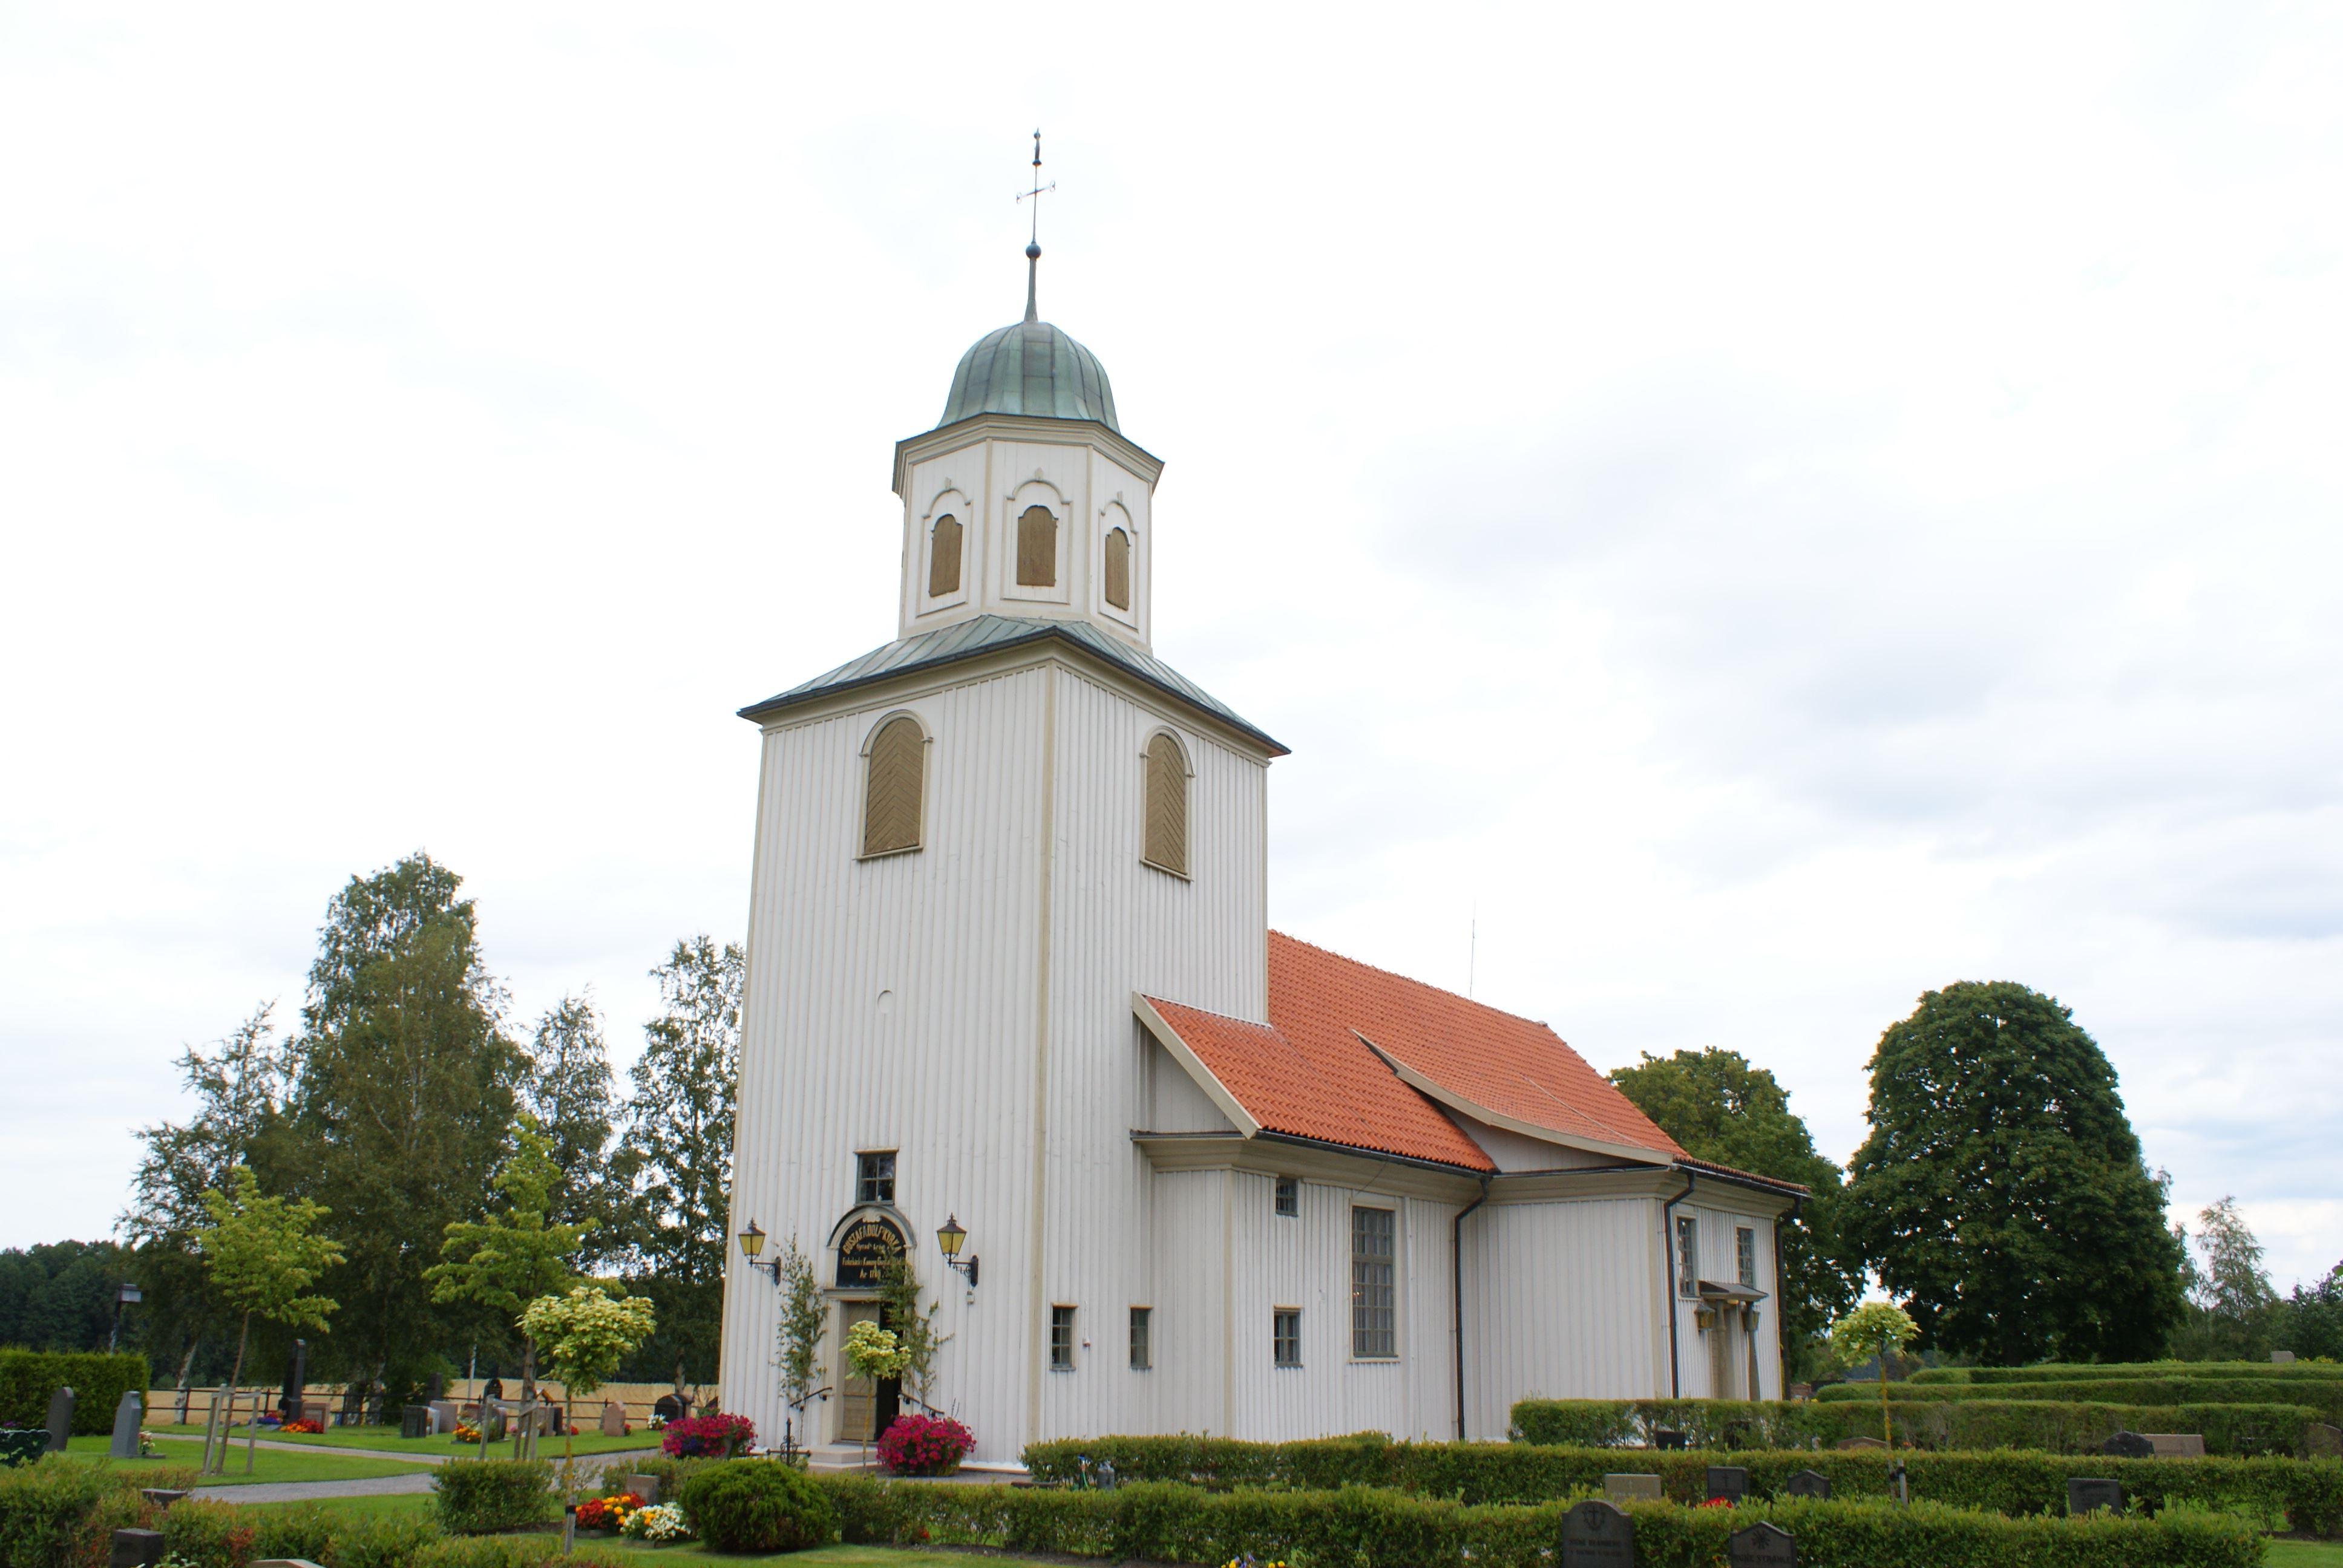 Gustav Adolf's church